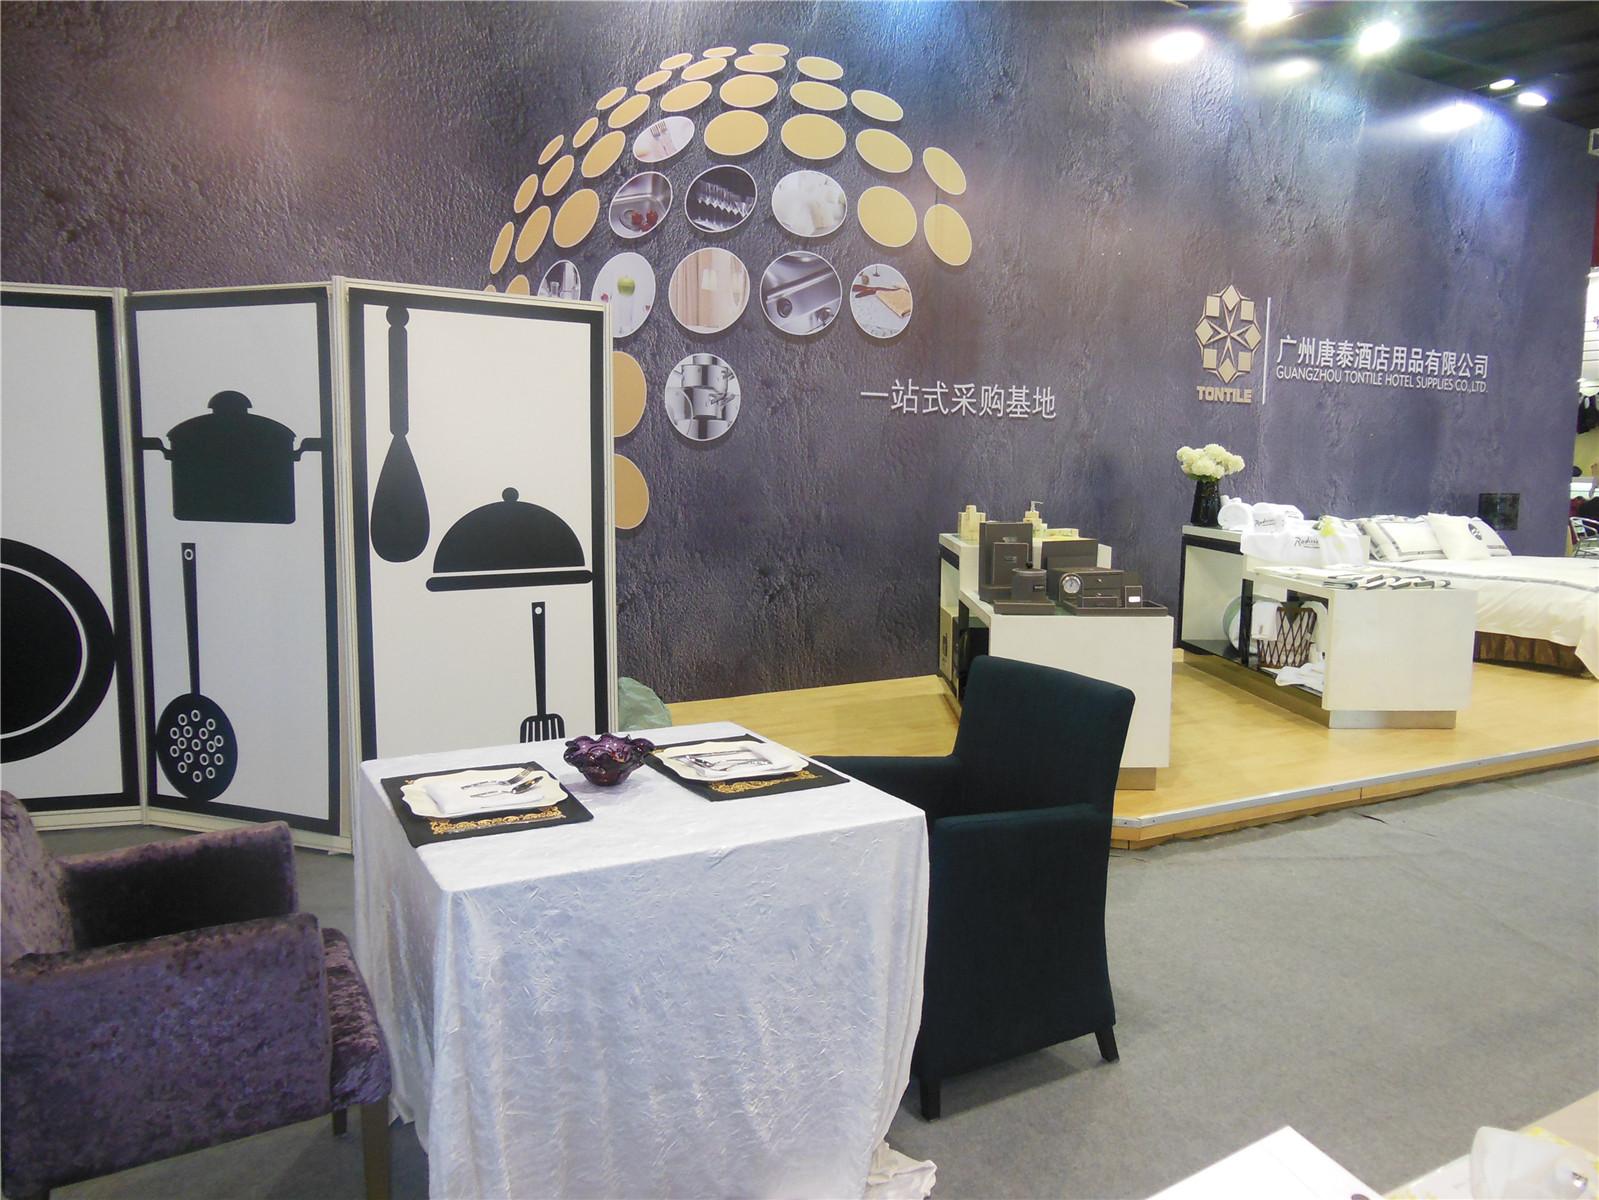 Guangzhou Tontile